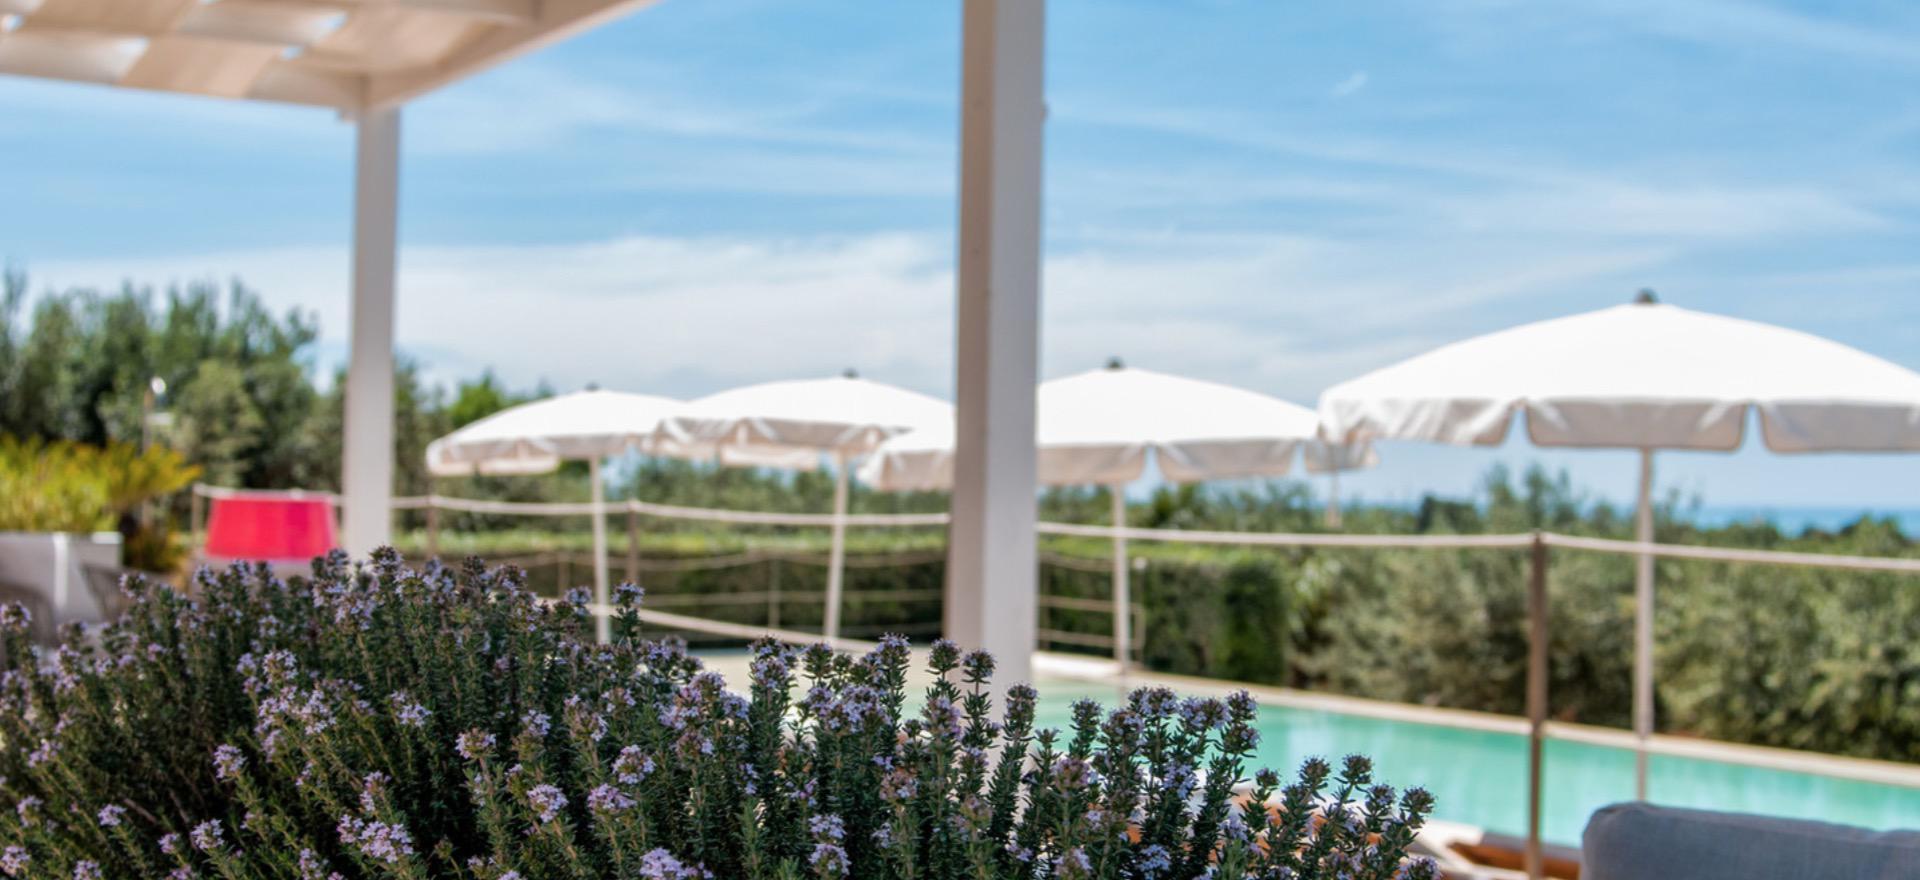 Gemoedelijke agriturismo met restaurant op Sicilië, vlakbij zee